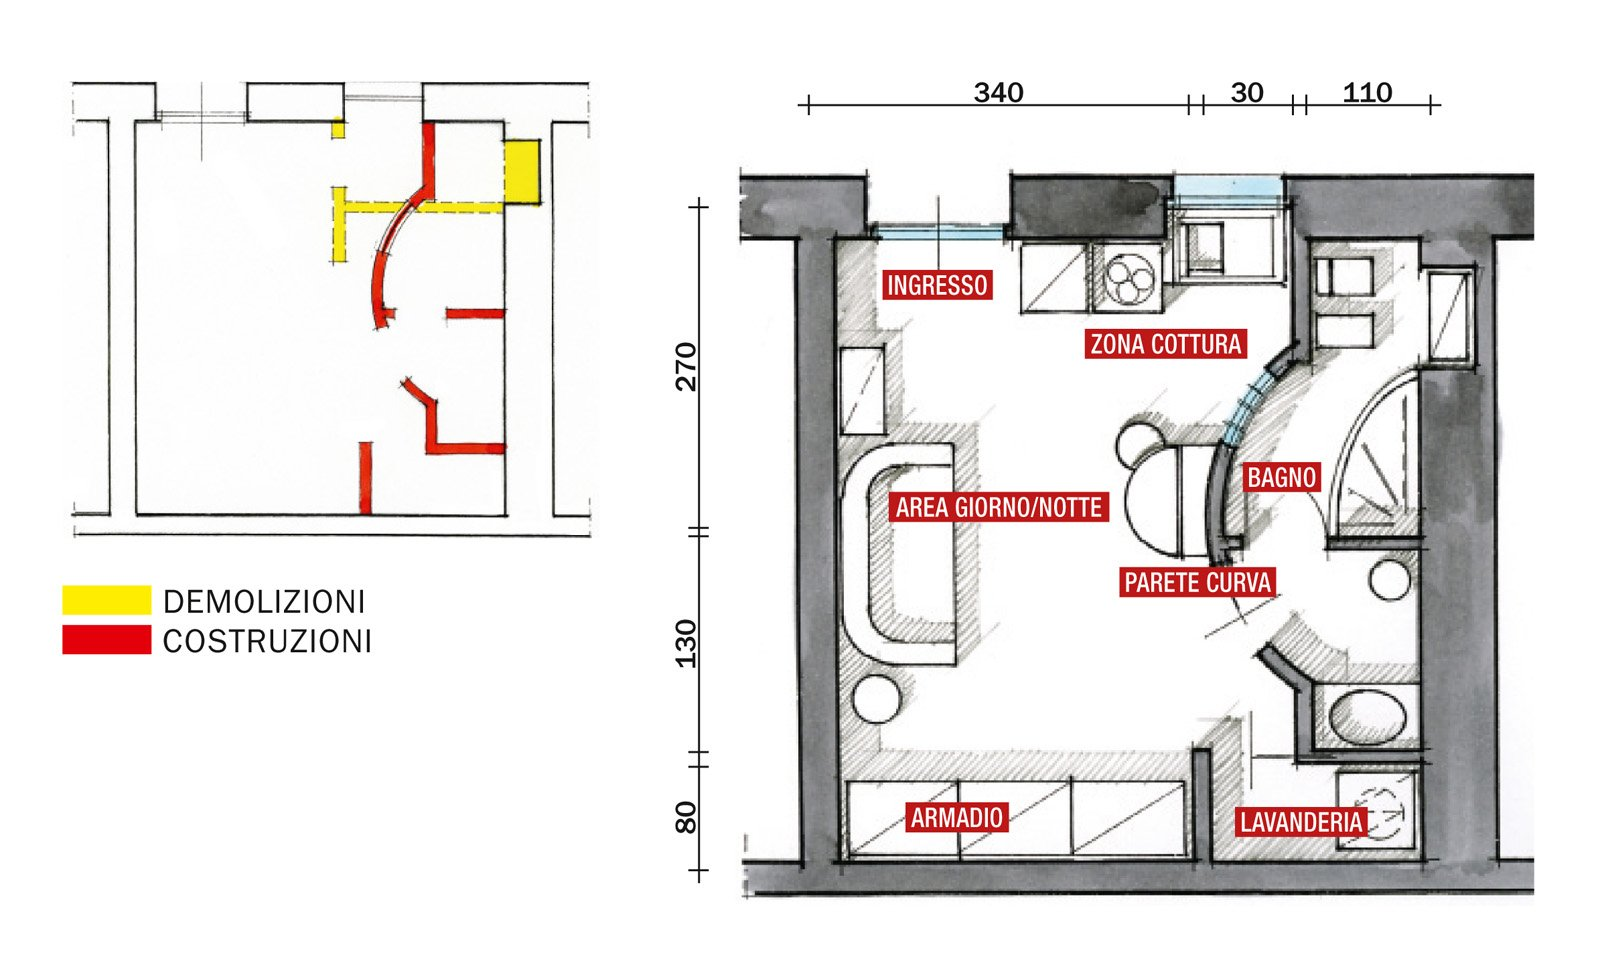 Monolocale di 25 mq con soluzioni salvaspazio cose di casa for Monolocale dwg